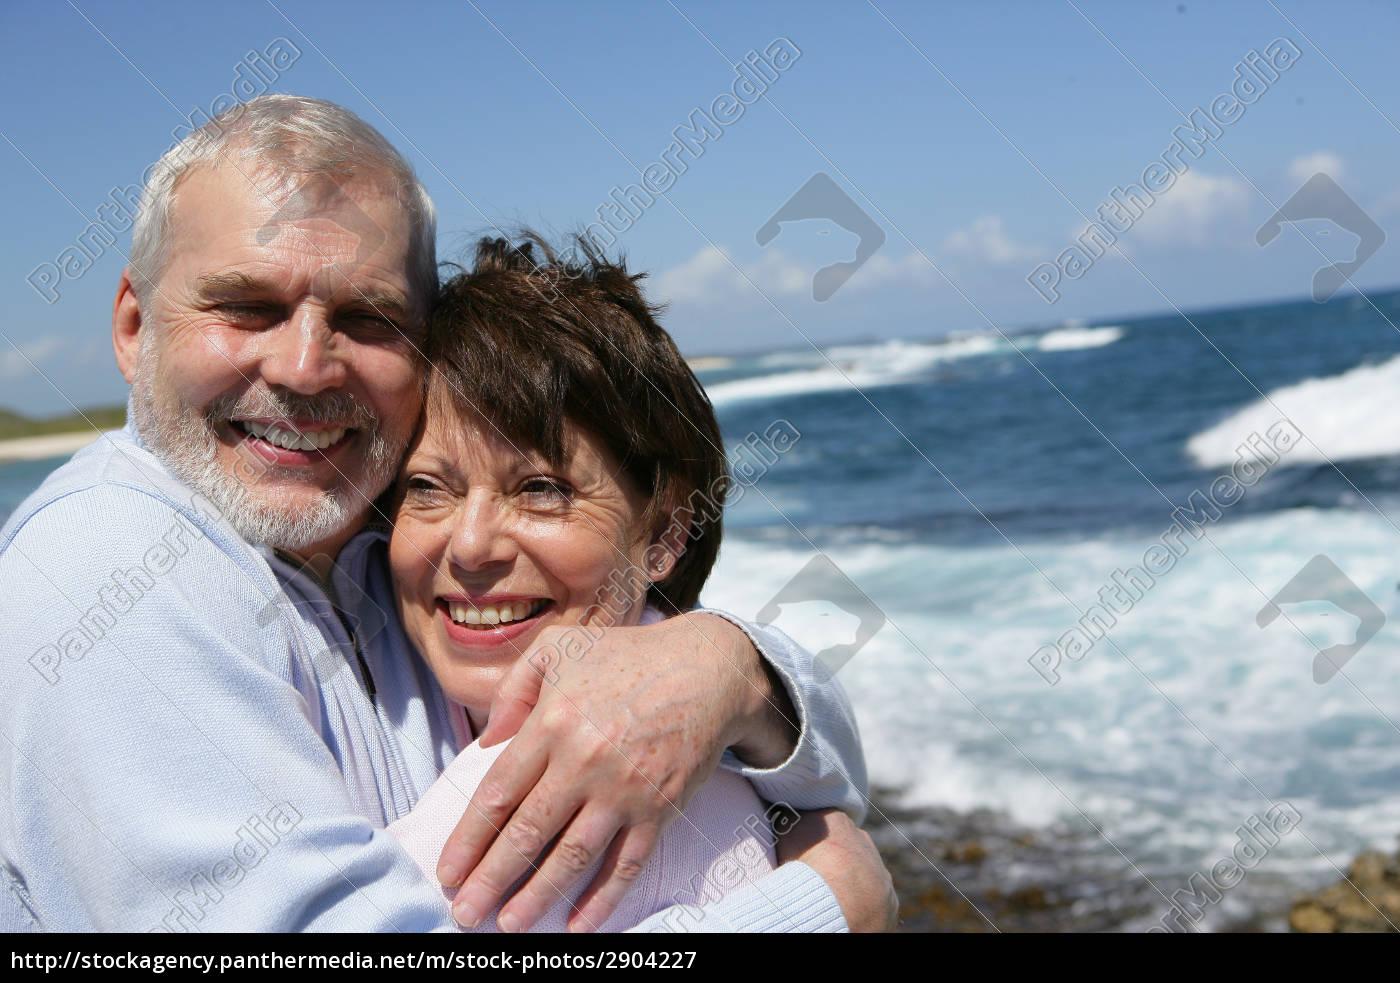 portrait, of, a, senior, couple, smiling - 2904227